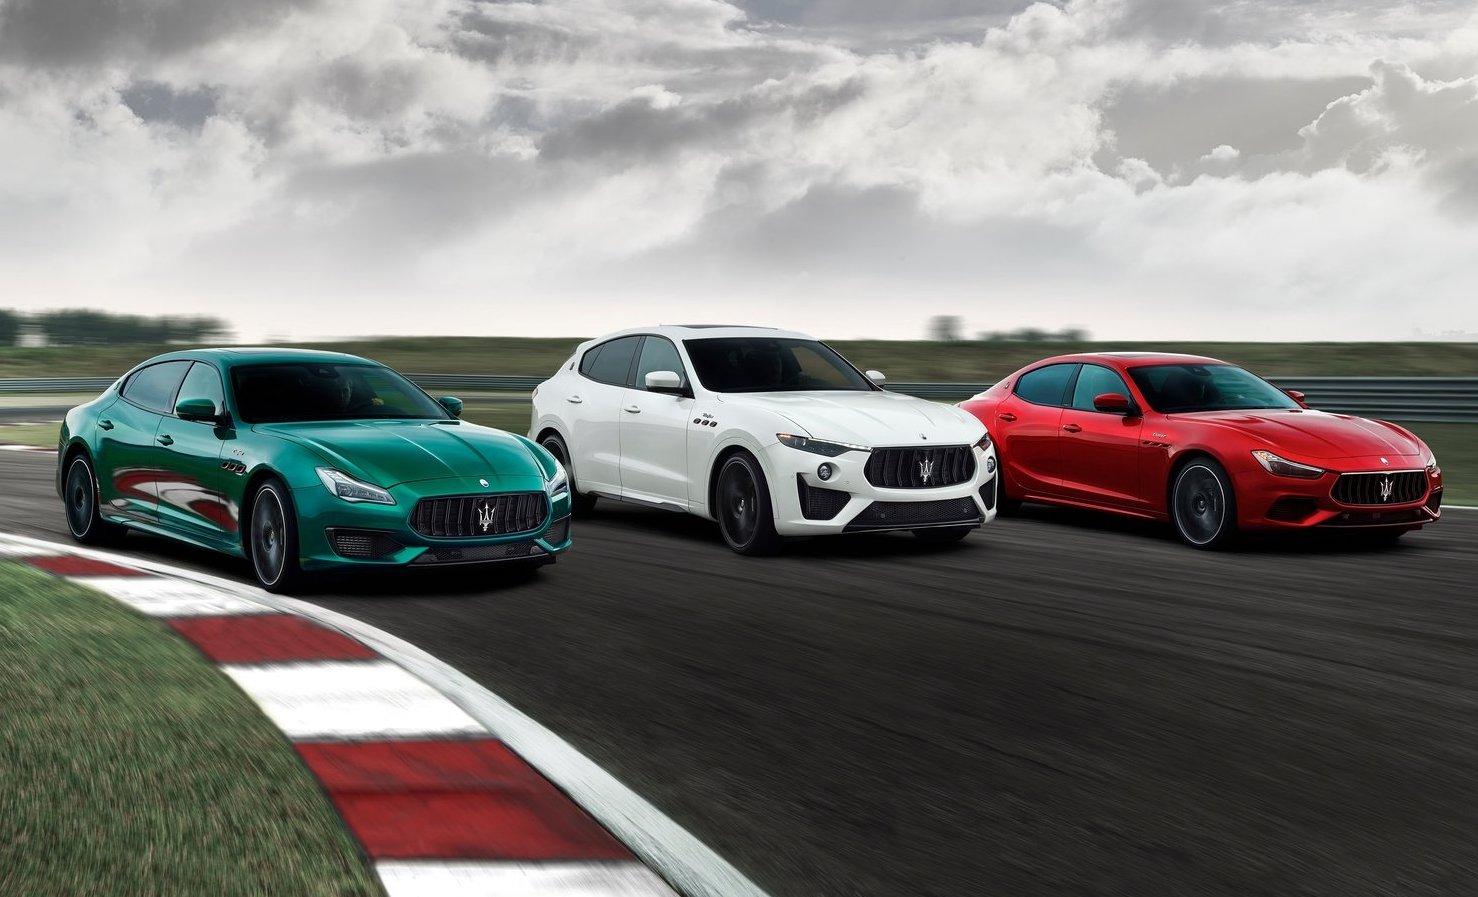 2021 Maserati Ghibli, Levante, Quattroporte on sale in Australia